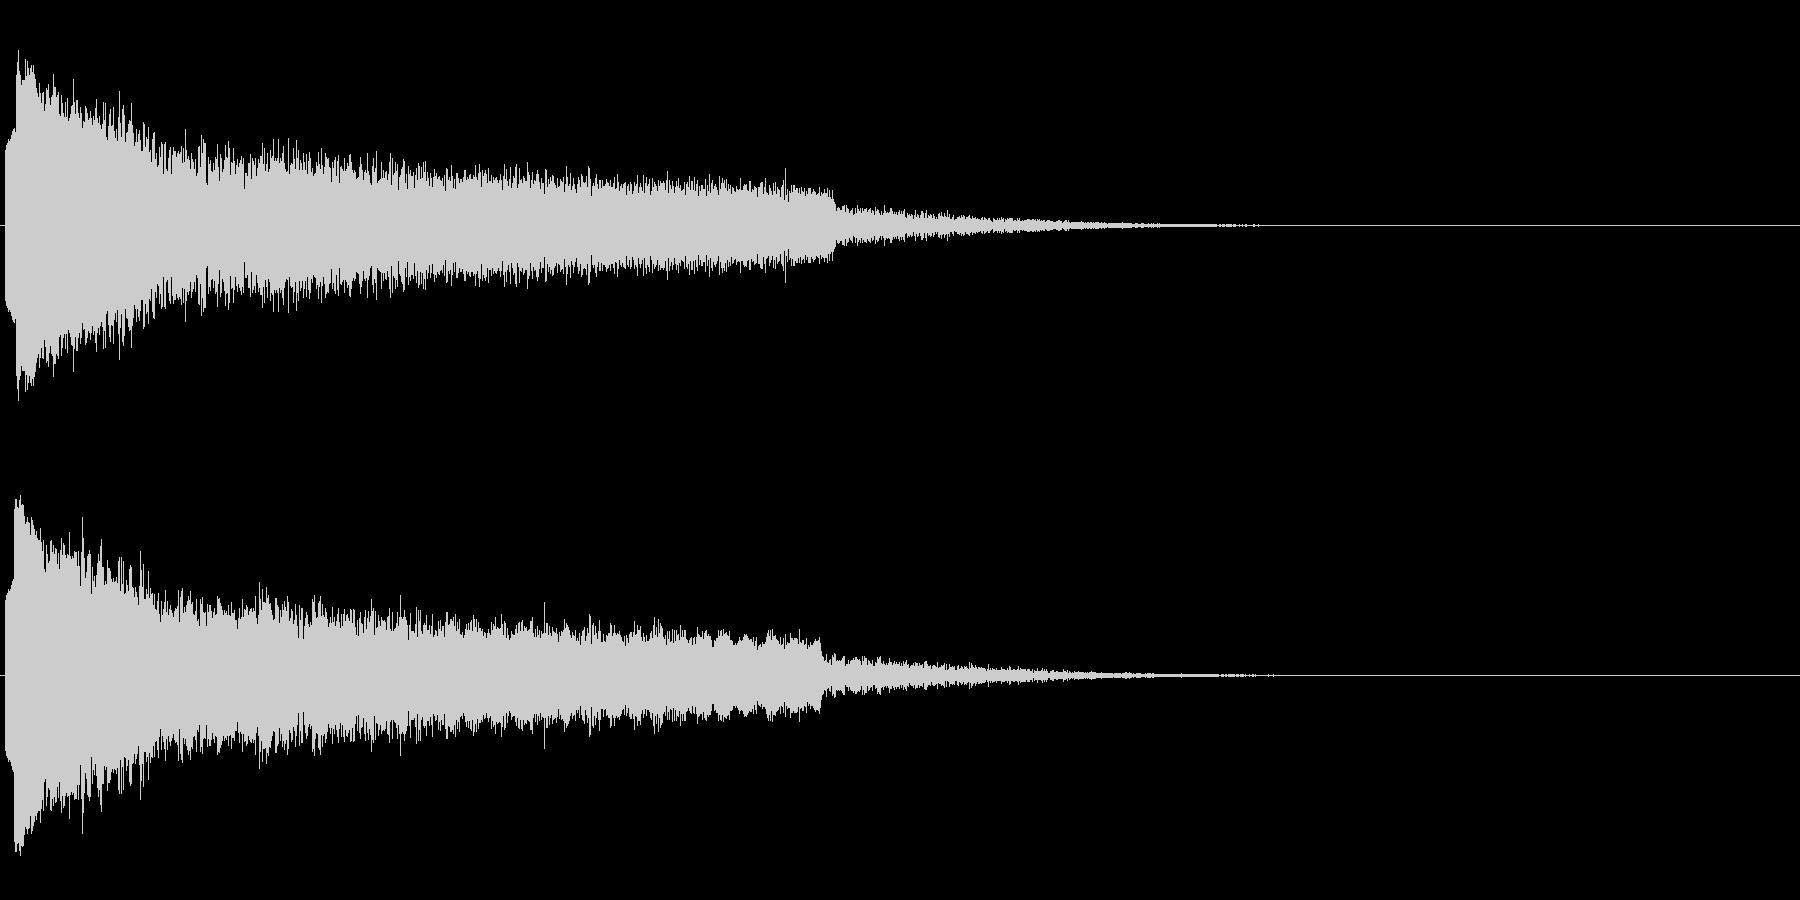 キューン ヒューン ピーン キューン の未再生の波形